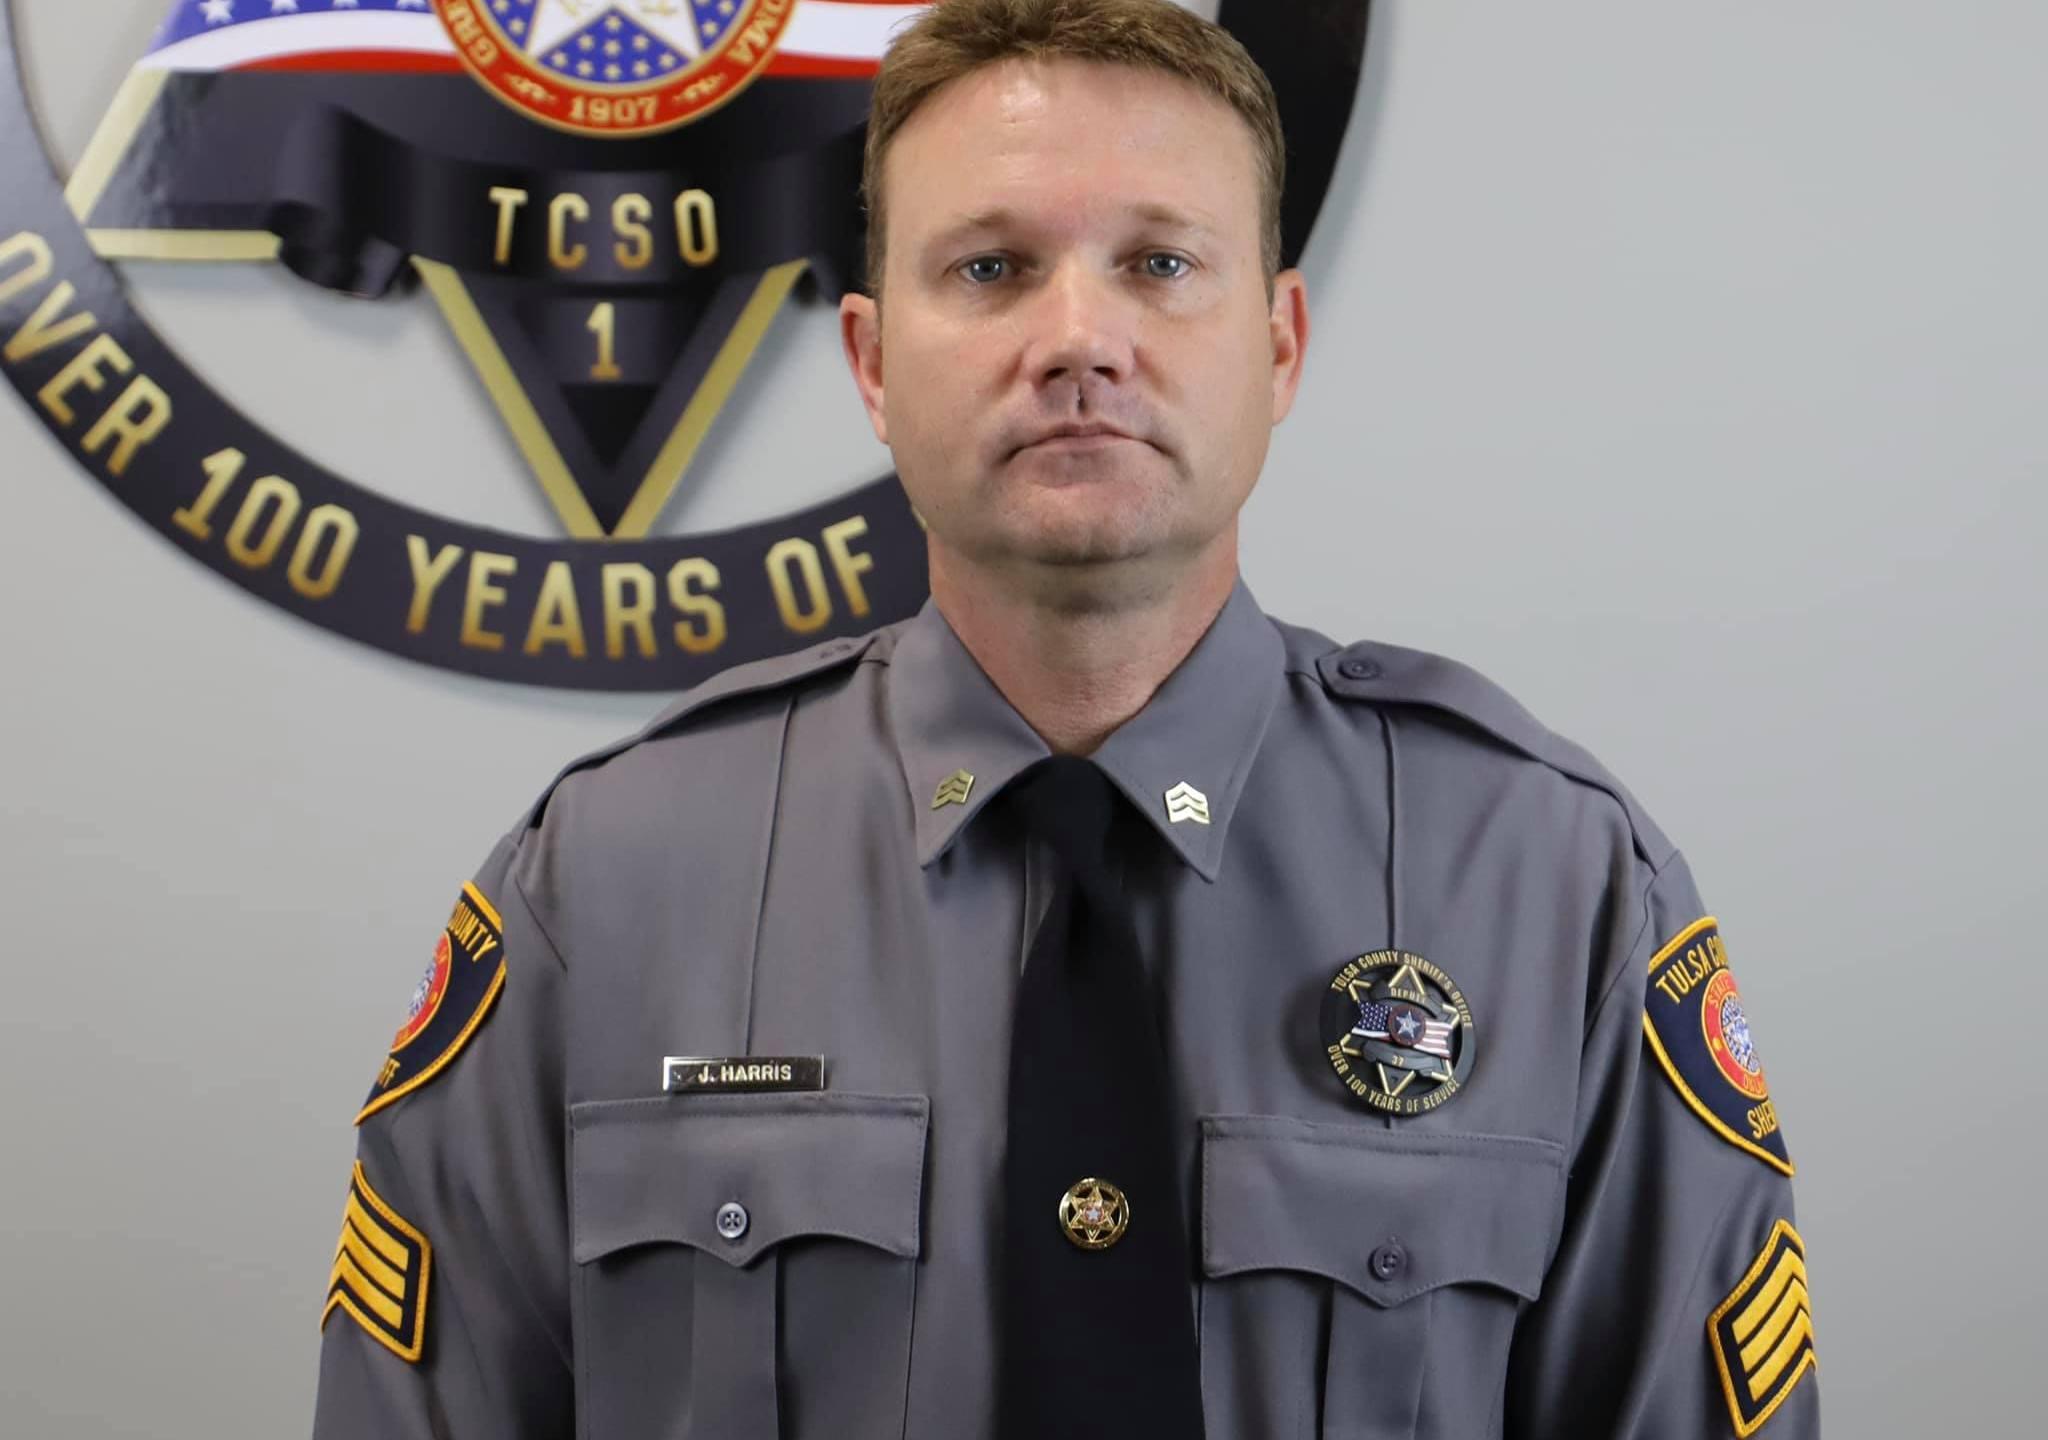 Sgt. John Harris